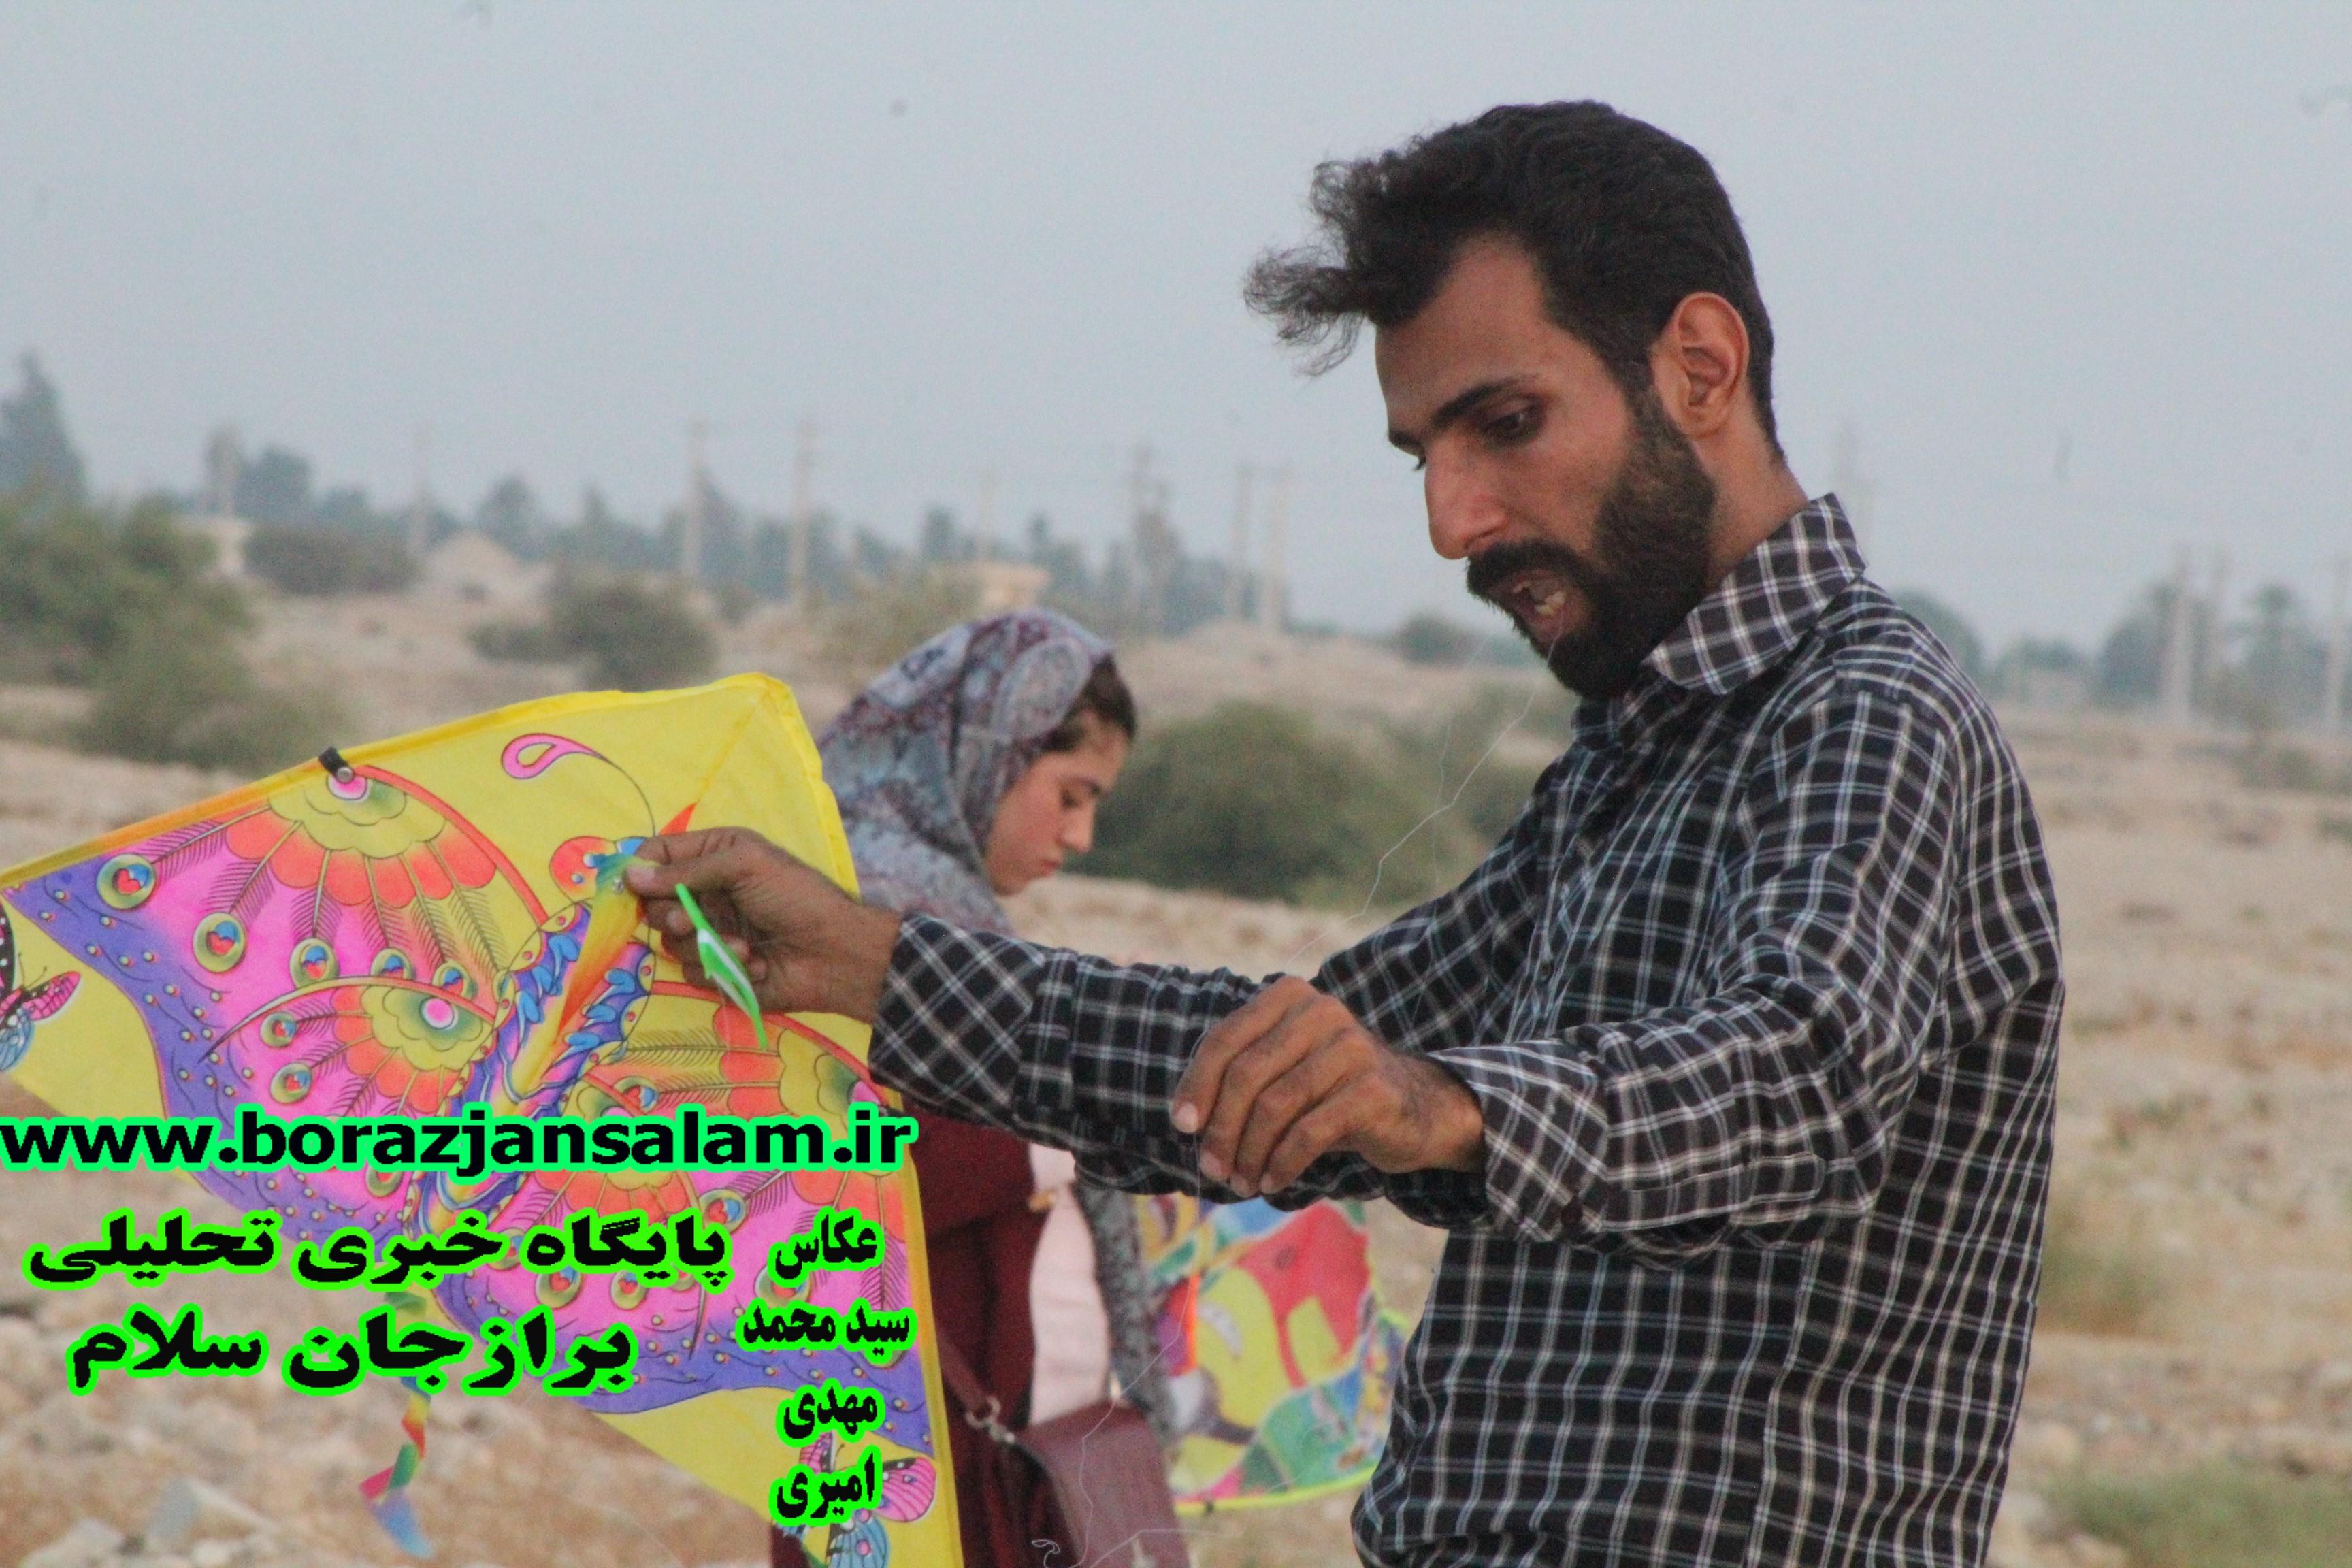 جشنواره بادبادکها در بلوار غدیر واقع در جاده سلامت برگزار شد .